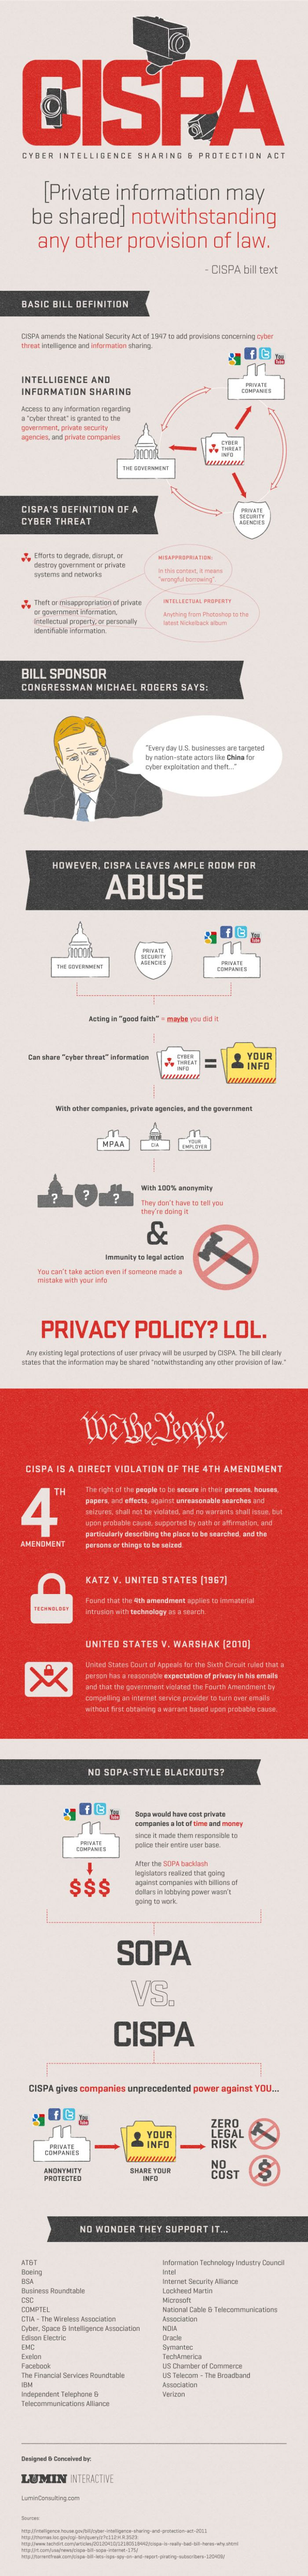 SOPA's Evil Twin Sister – CISPA (infographic)